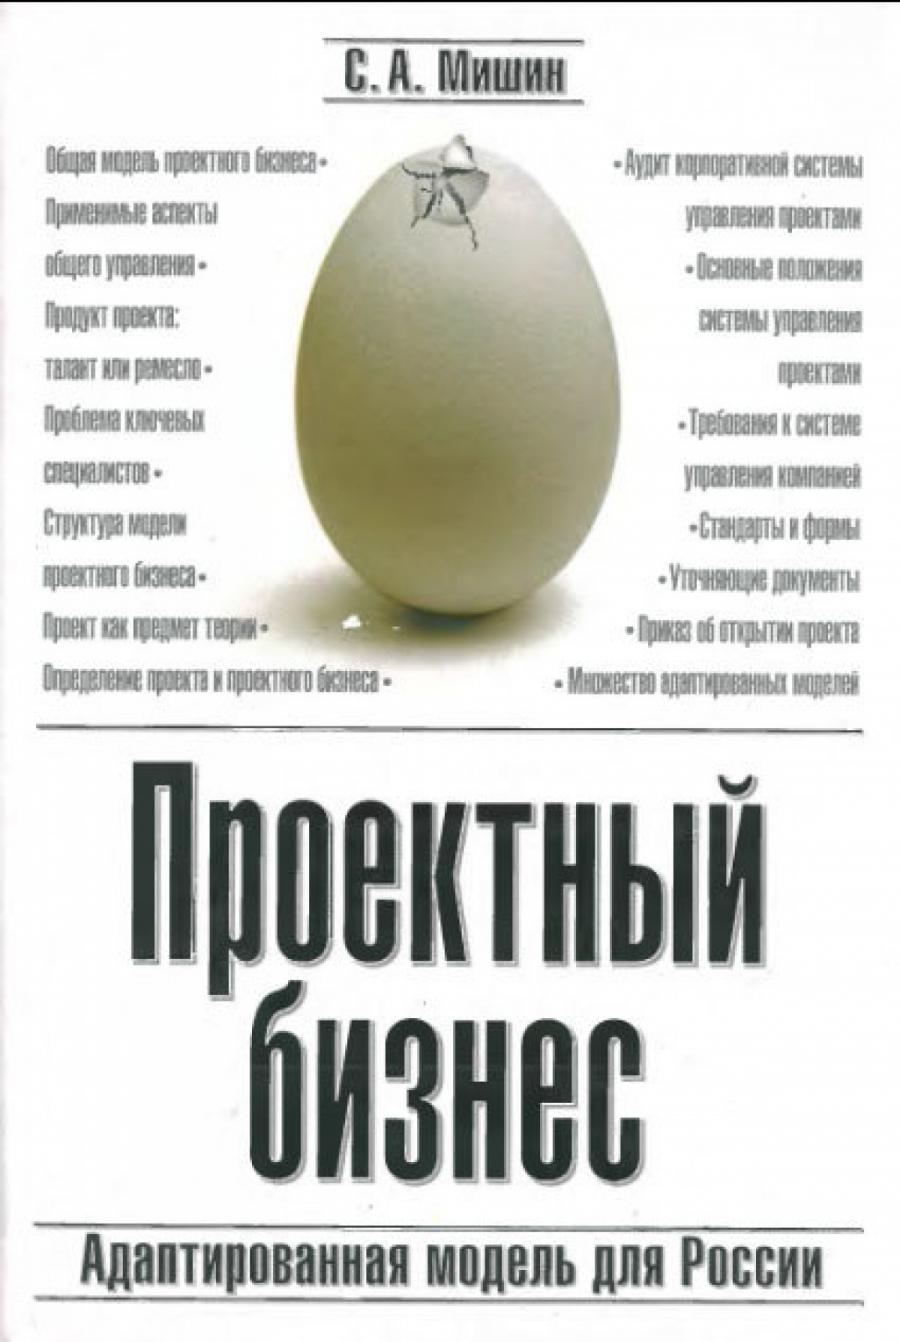 Обложка книги:  с.а. мишин - проектный бизнес адаптированная модель для россии